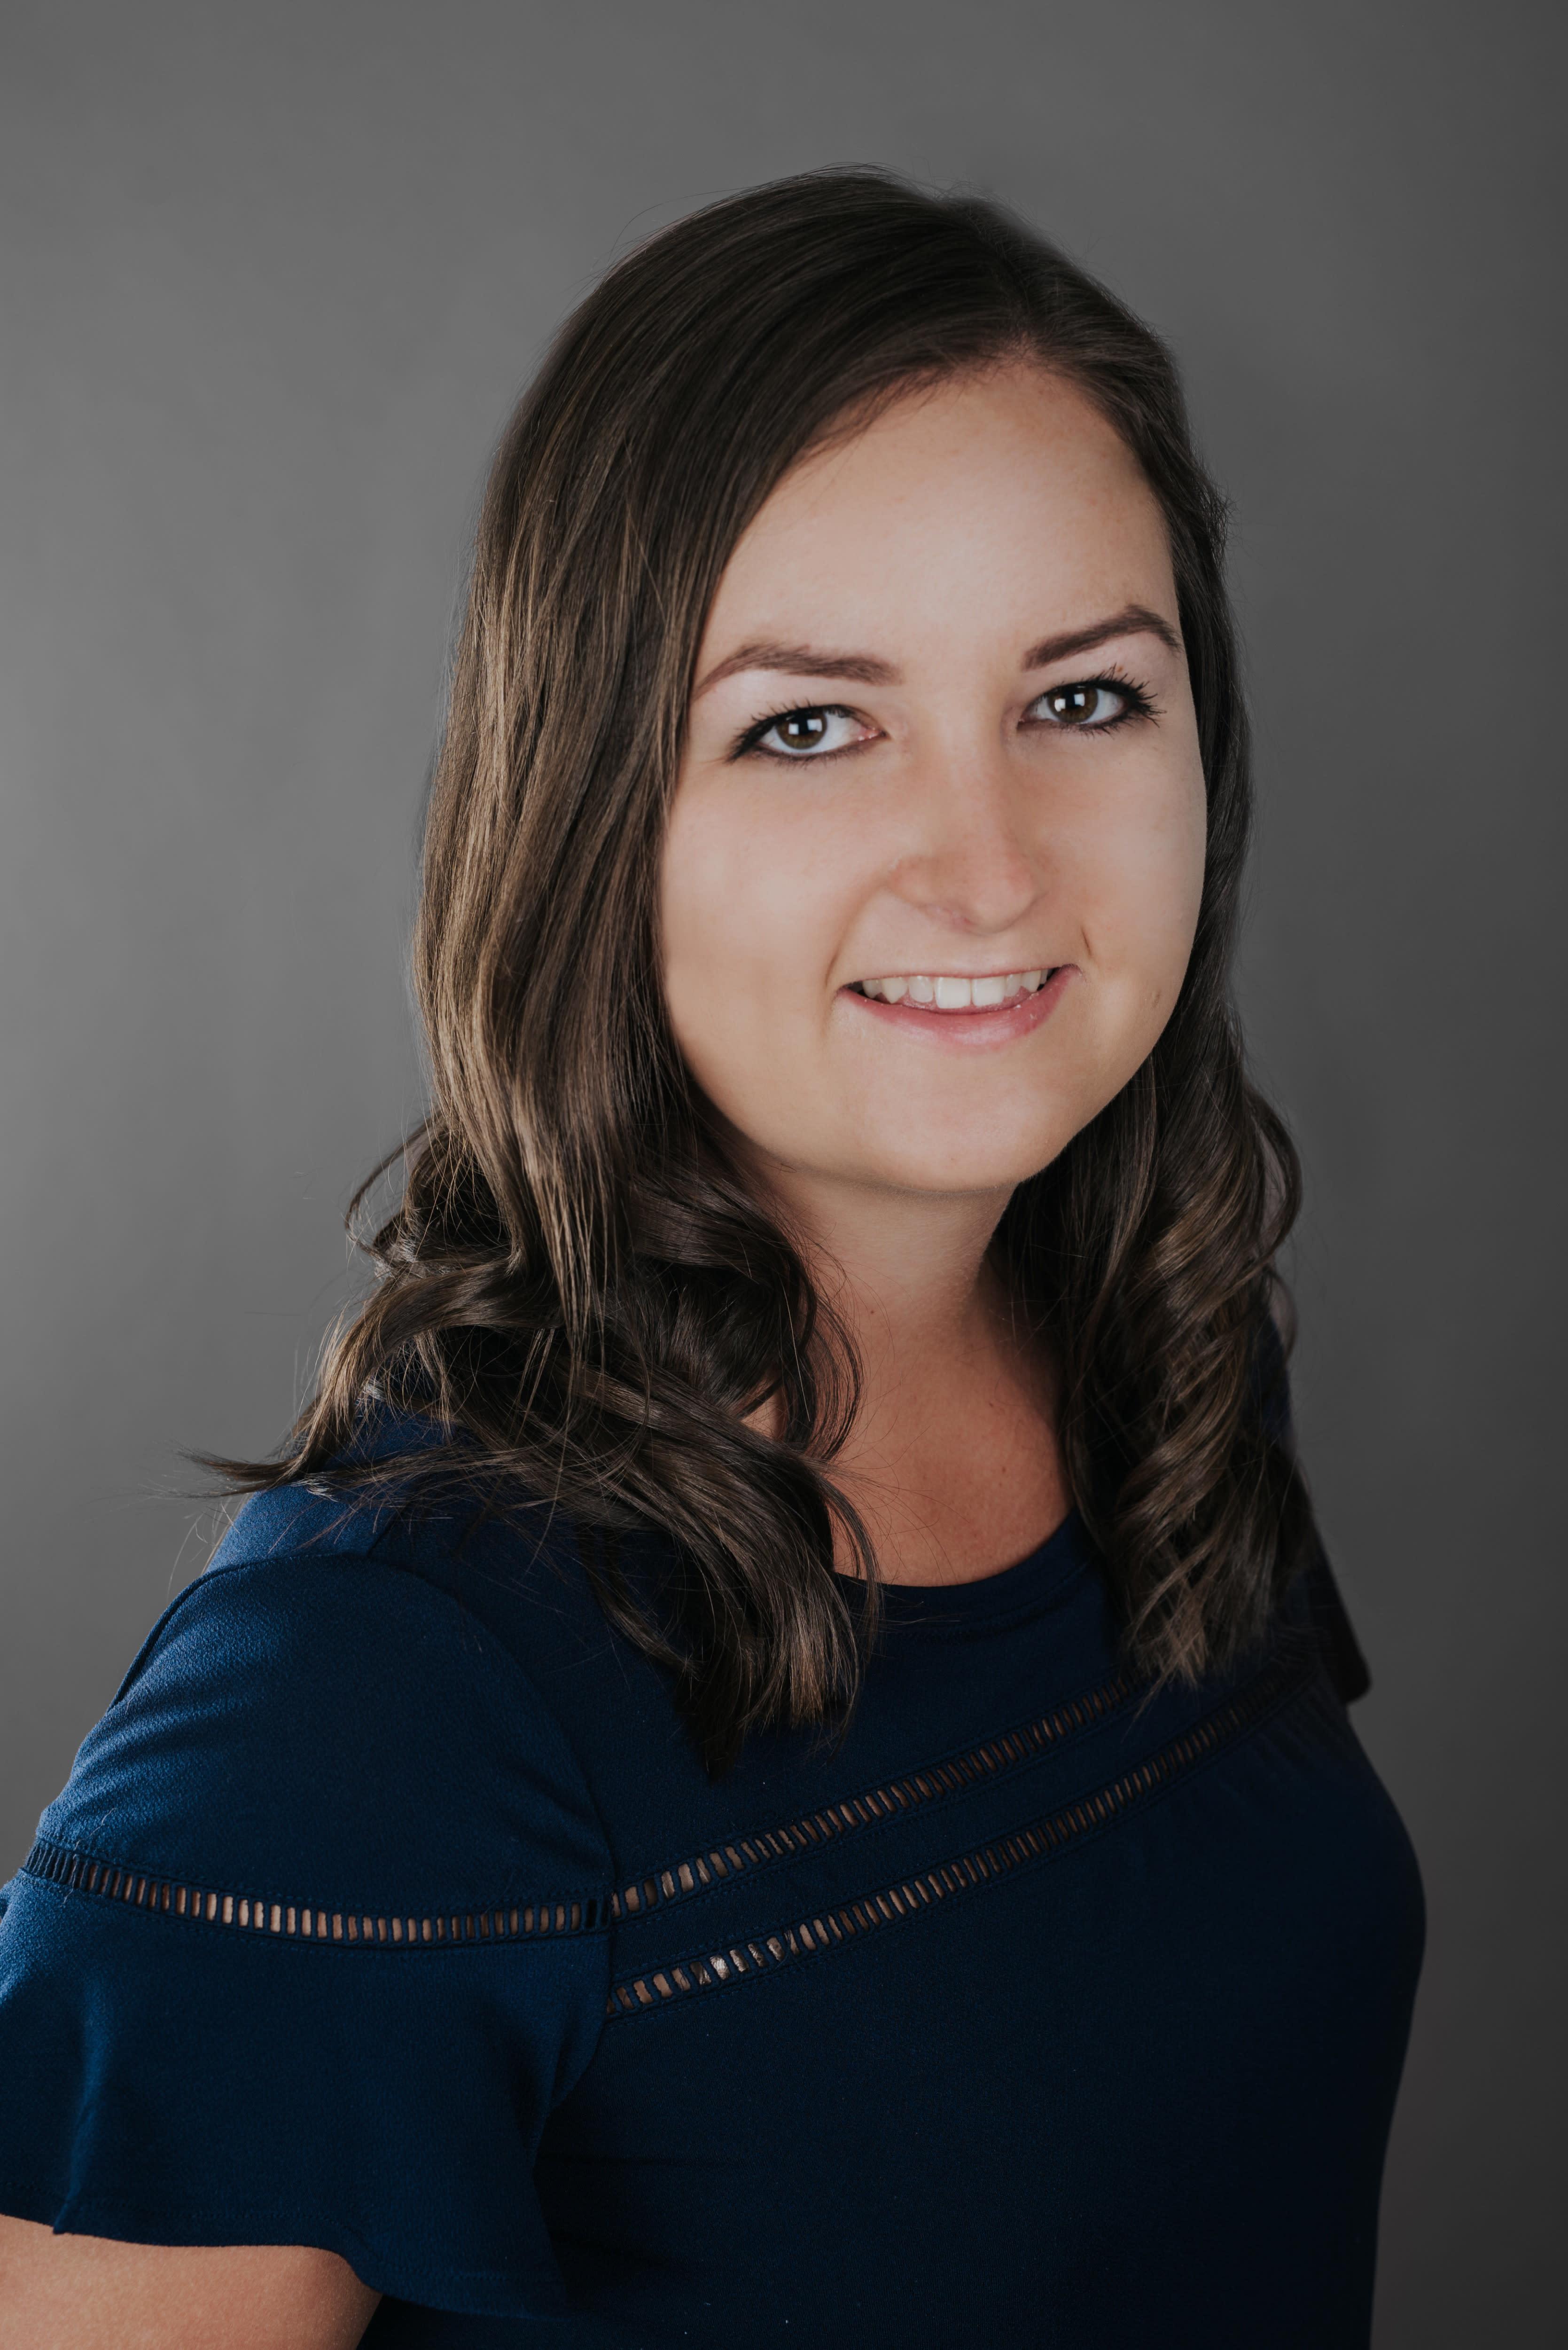 Dr. Alanna Tinney